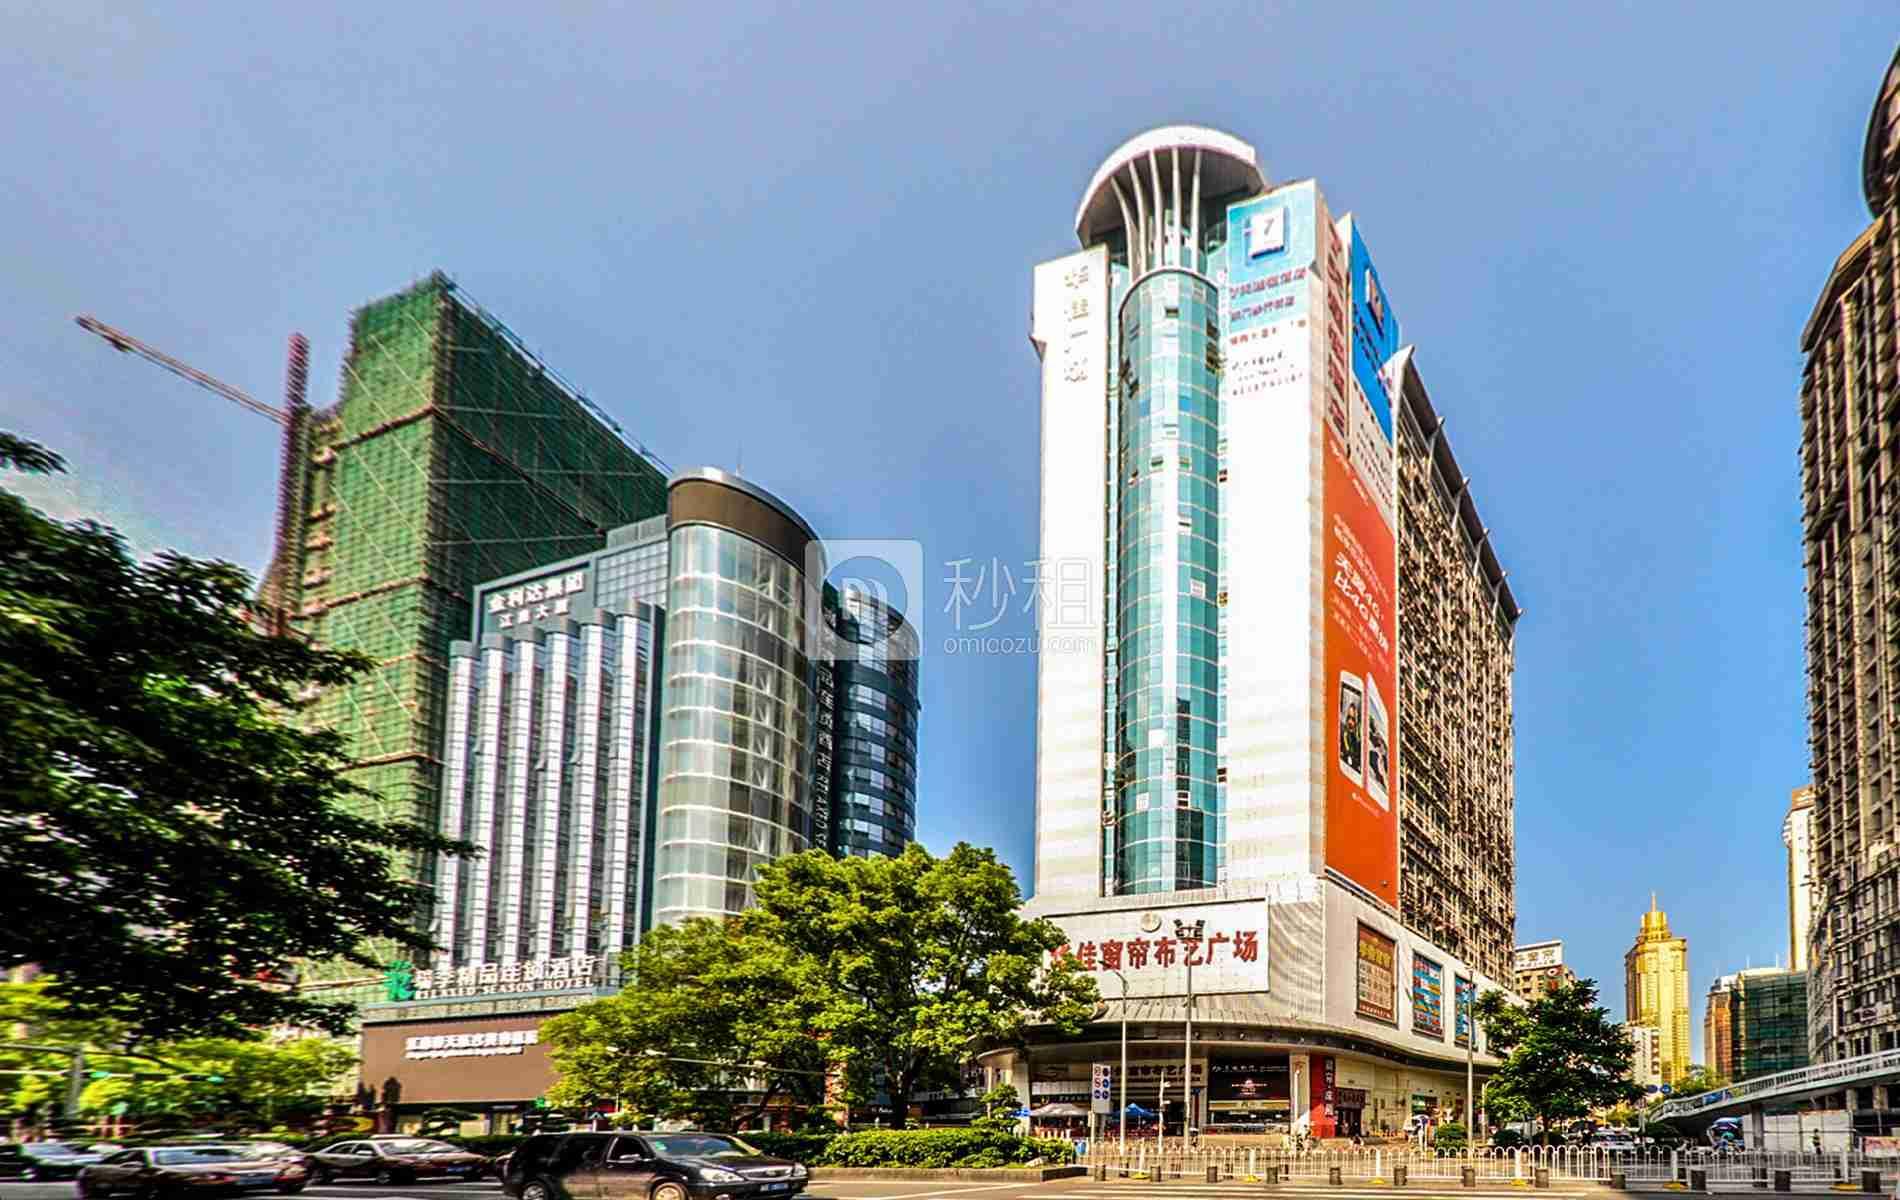 华佳广场写字楼出租/招租/租赁,华佳广场办公室出租/招租/租赁